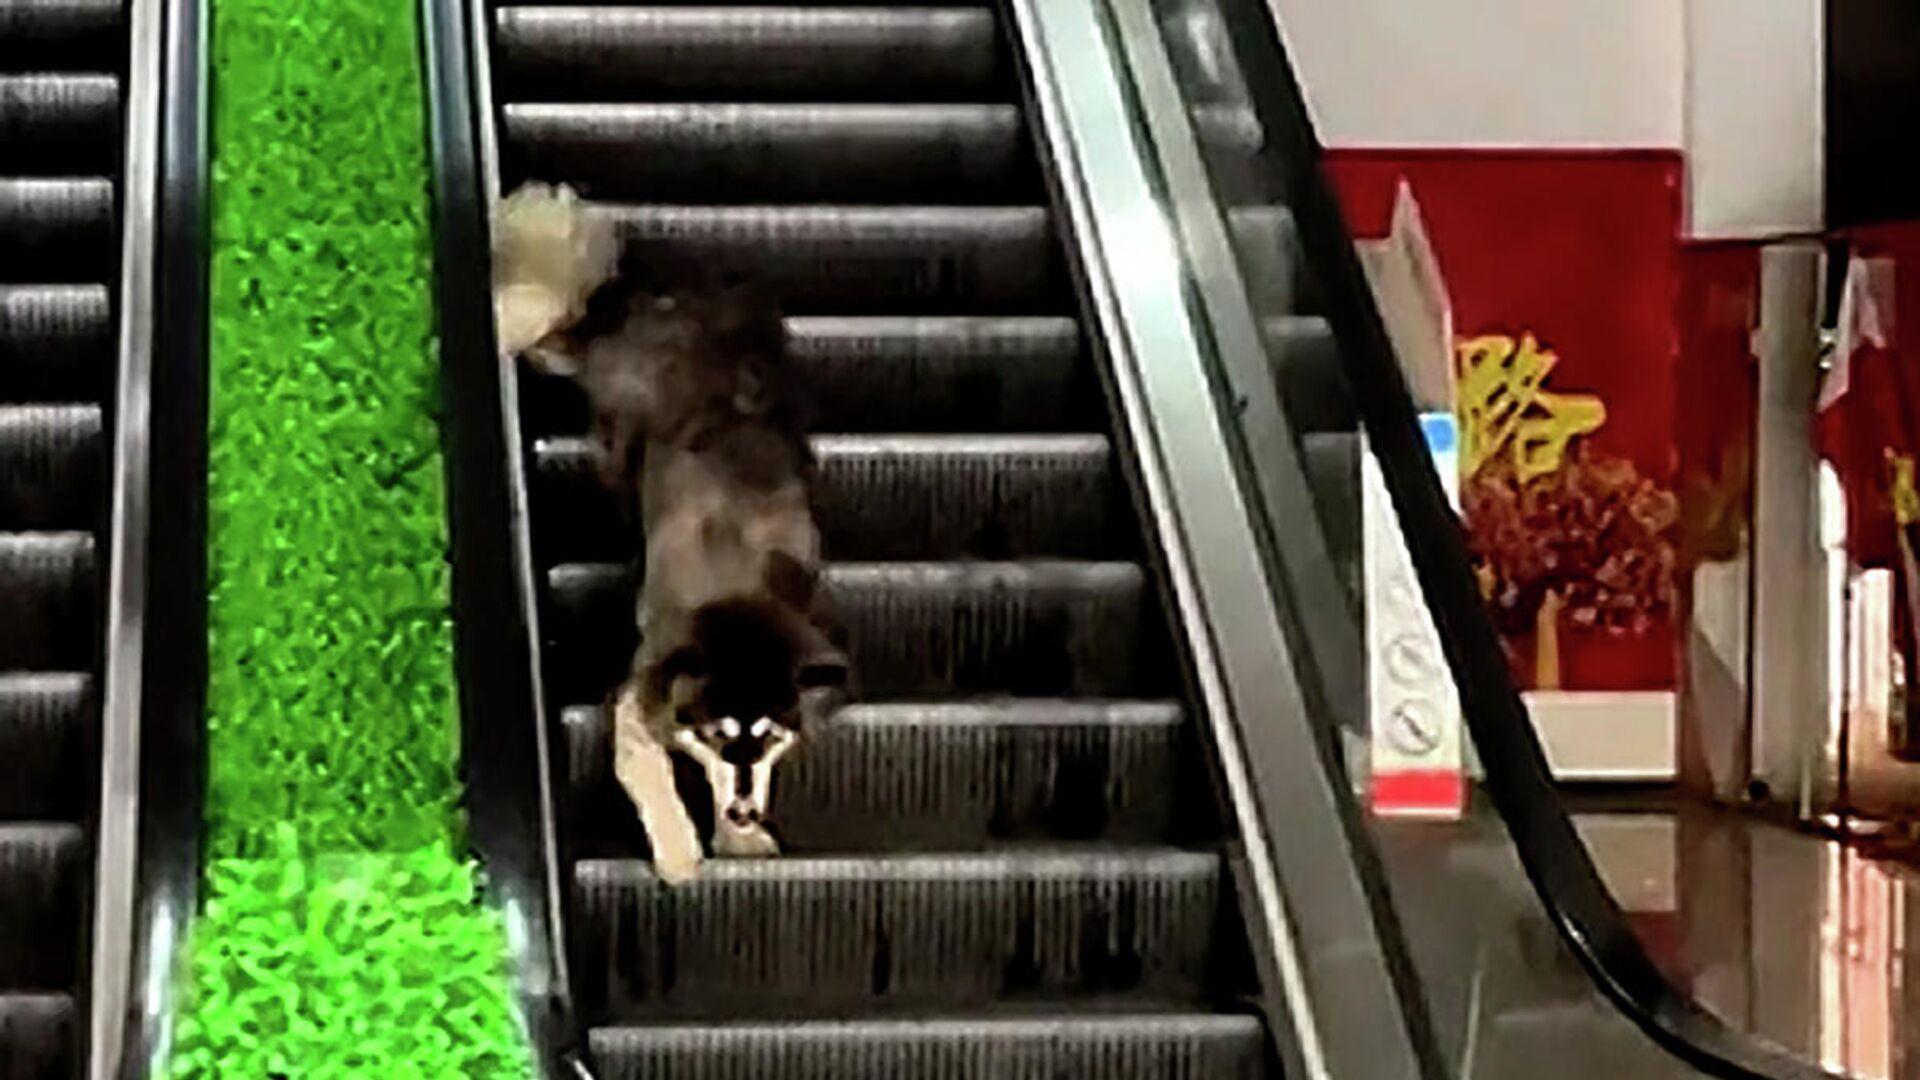 Χαριτωμένος σκυλάκος προσπαθεί να κατέβει τις κυλιόμενες σκάλες ανάποδα  - Sputnik Ελλάδα, 1920, 29.09.2021